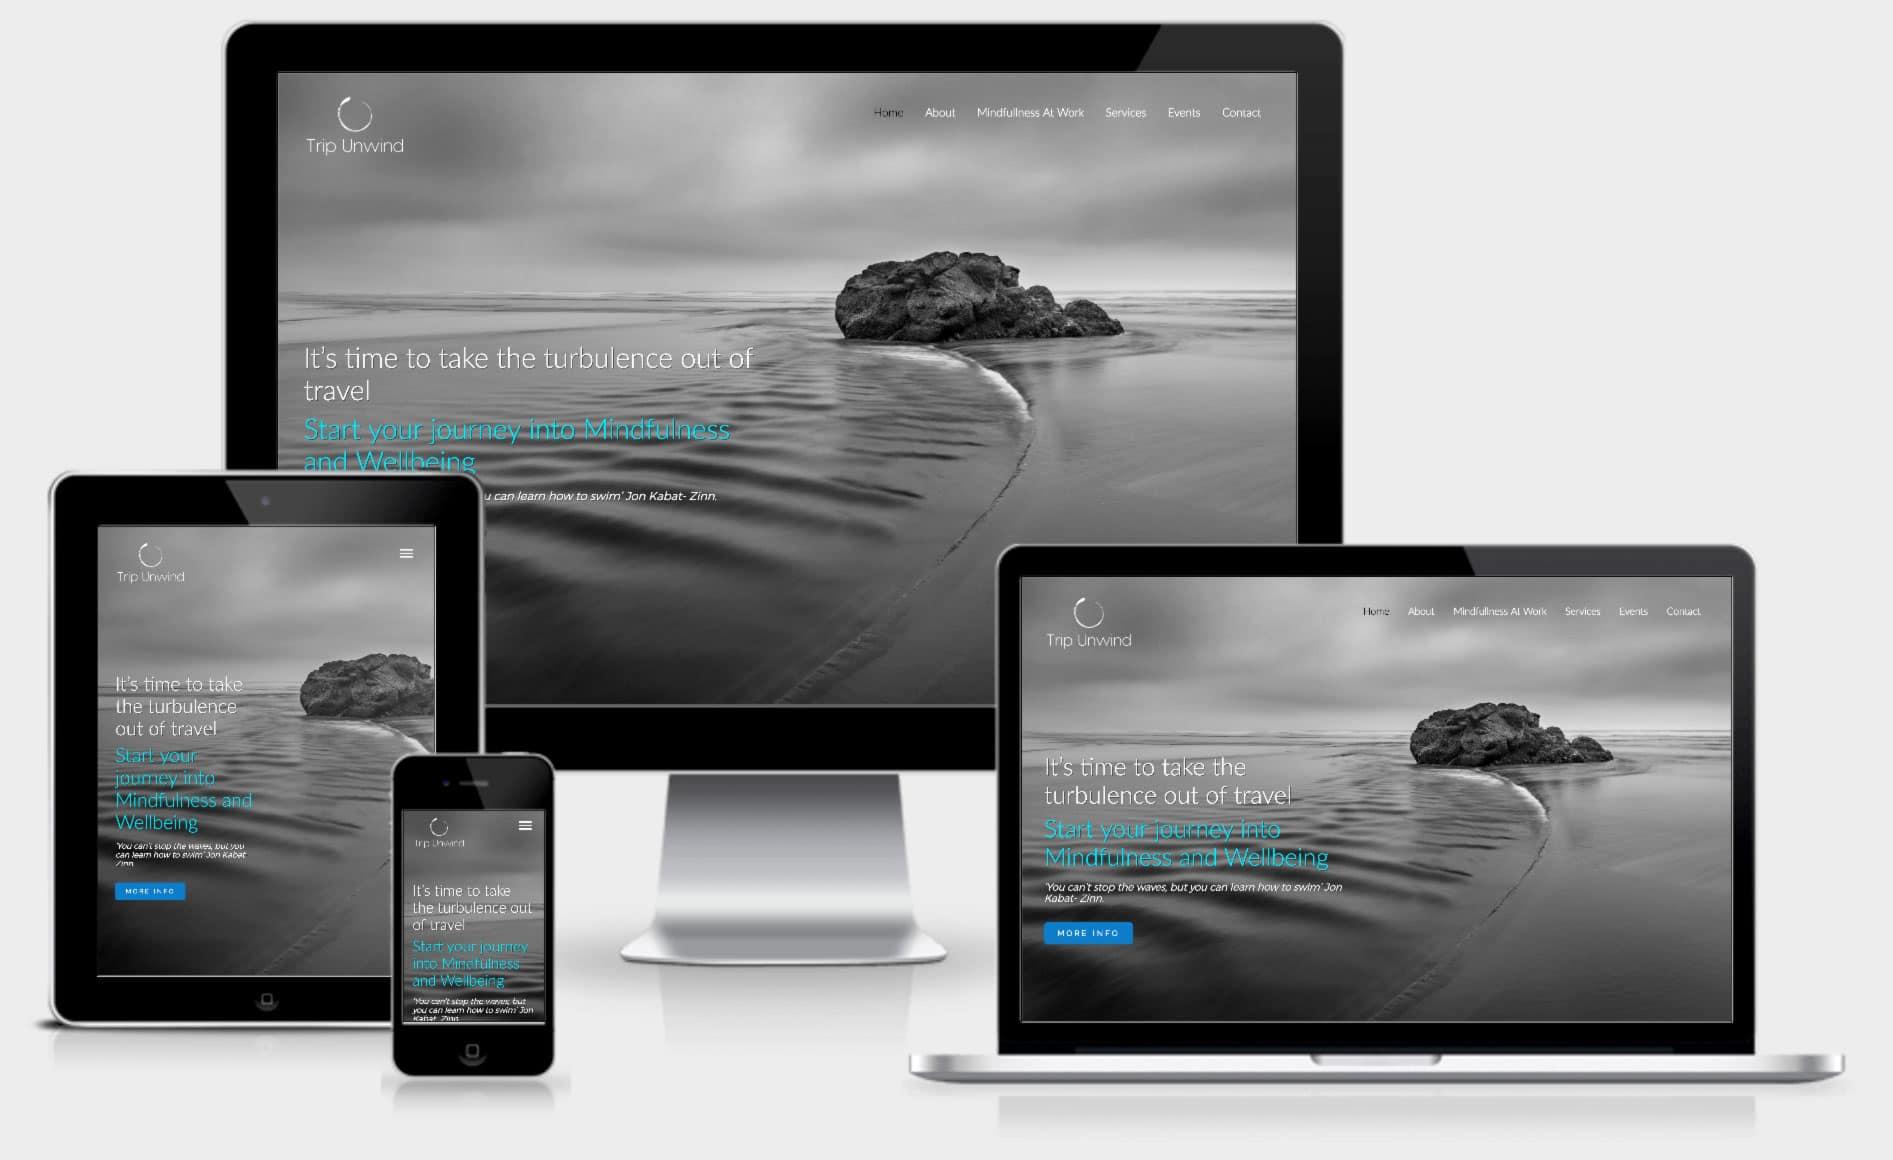 trip-unwind-mpower-webdesign-template